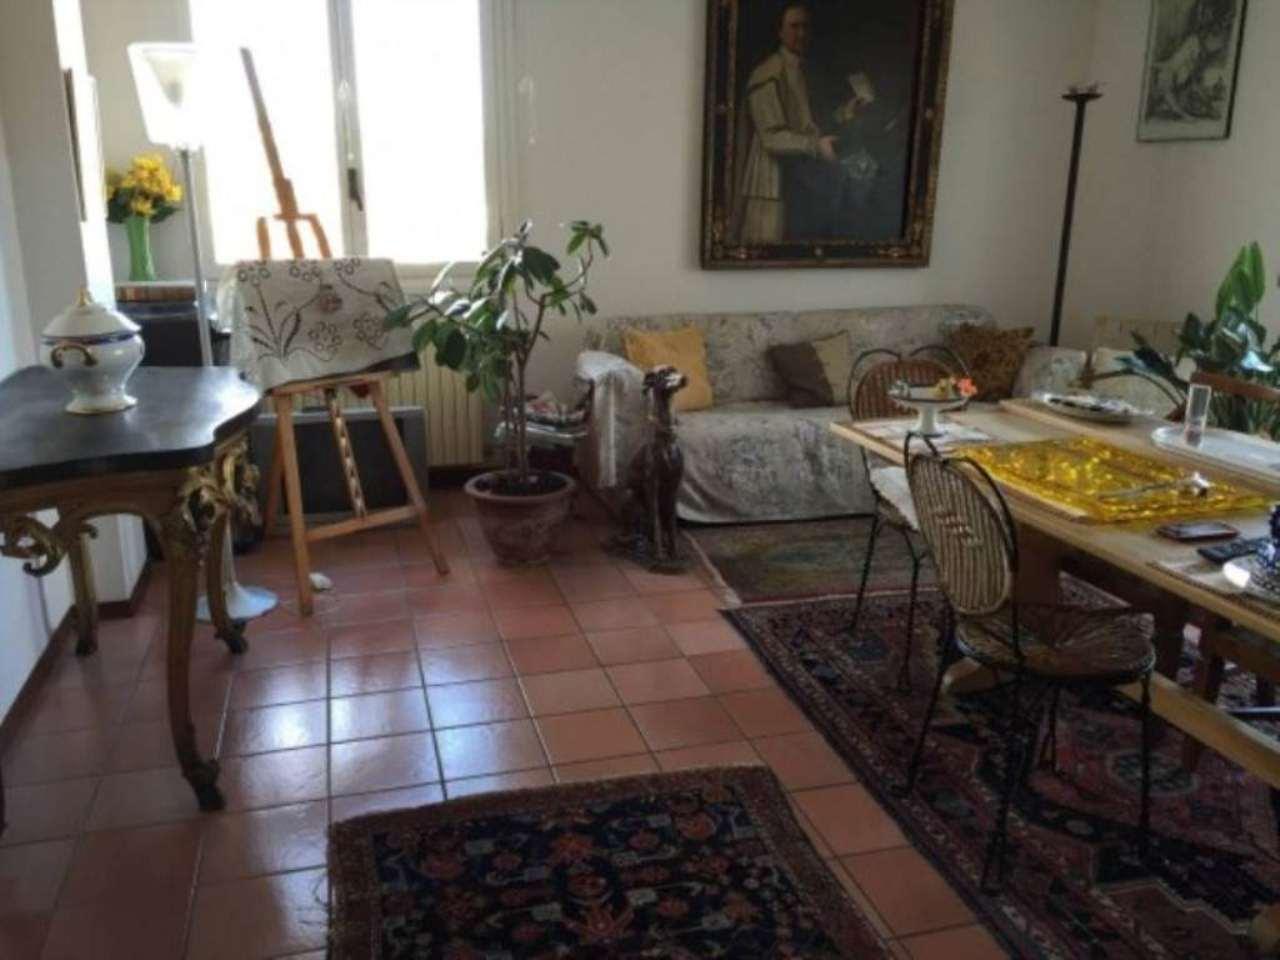 Attico / Mansarda in vendita a Fano, 3 locali, prezzo € 230.000   PortaleAgenzieImmobiliari.it